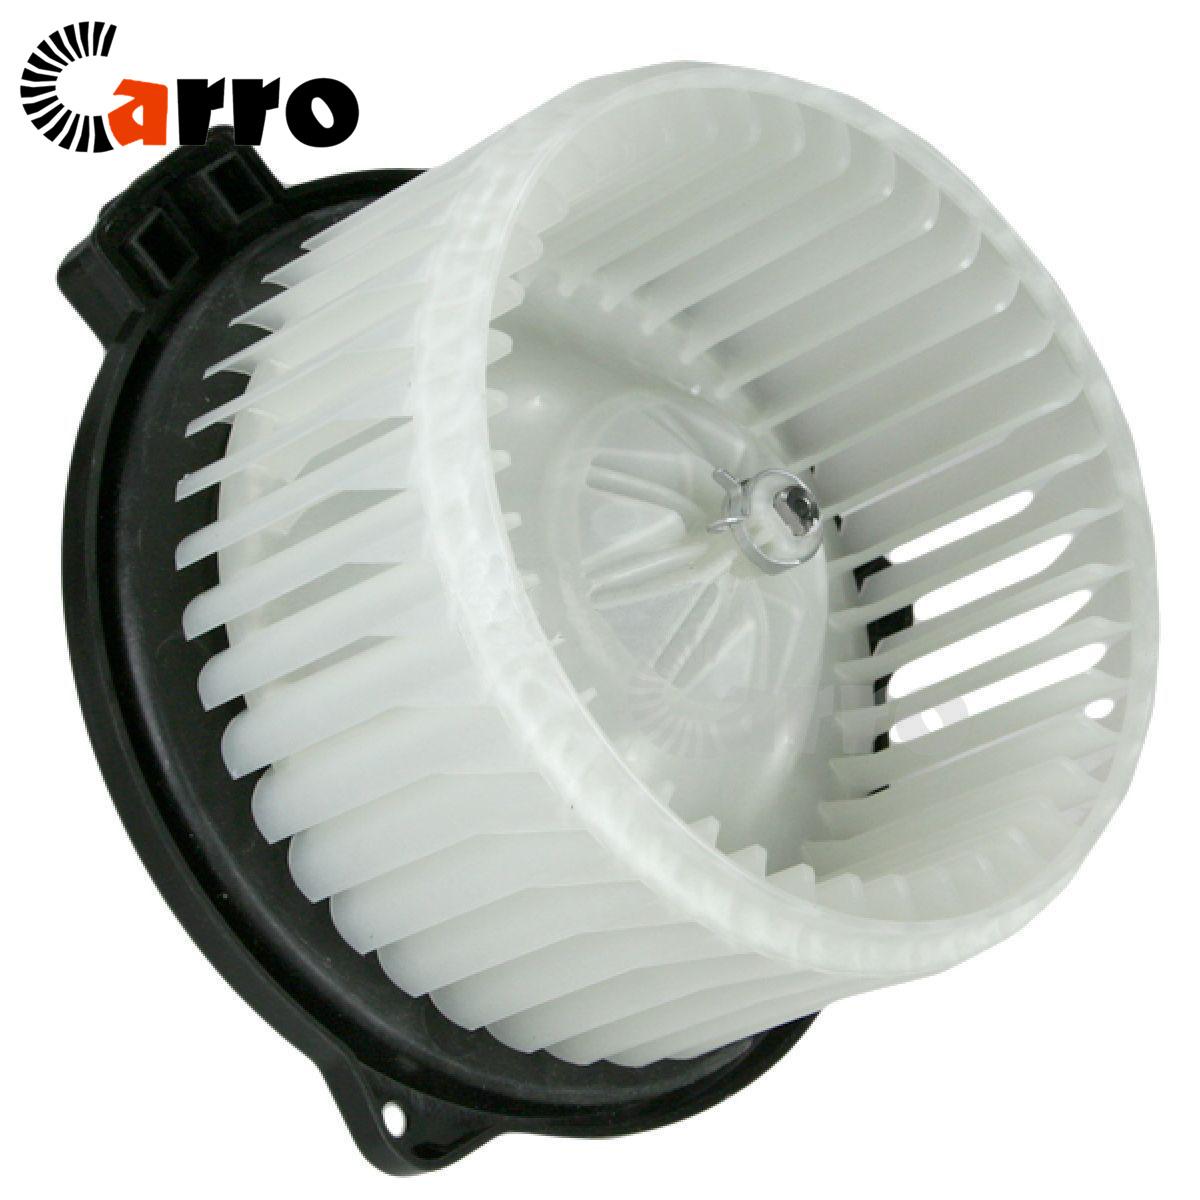 OE# 87103-02210 New Blower Motor A//C Heater Fan Fits Toyota Corolla Prius V 1.8L